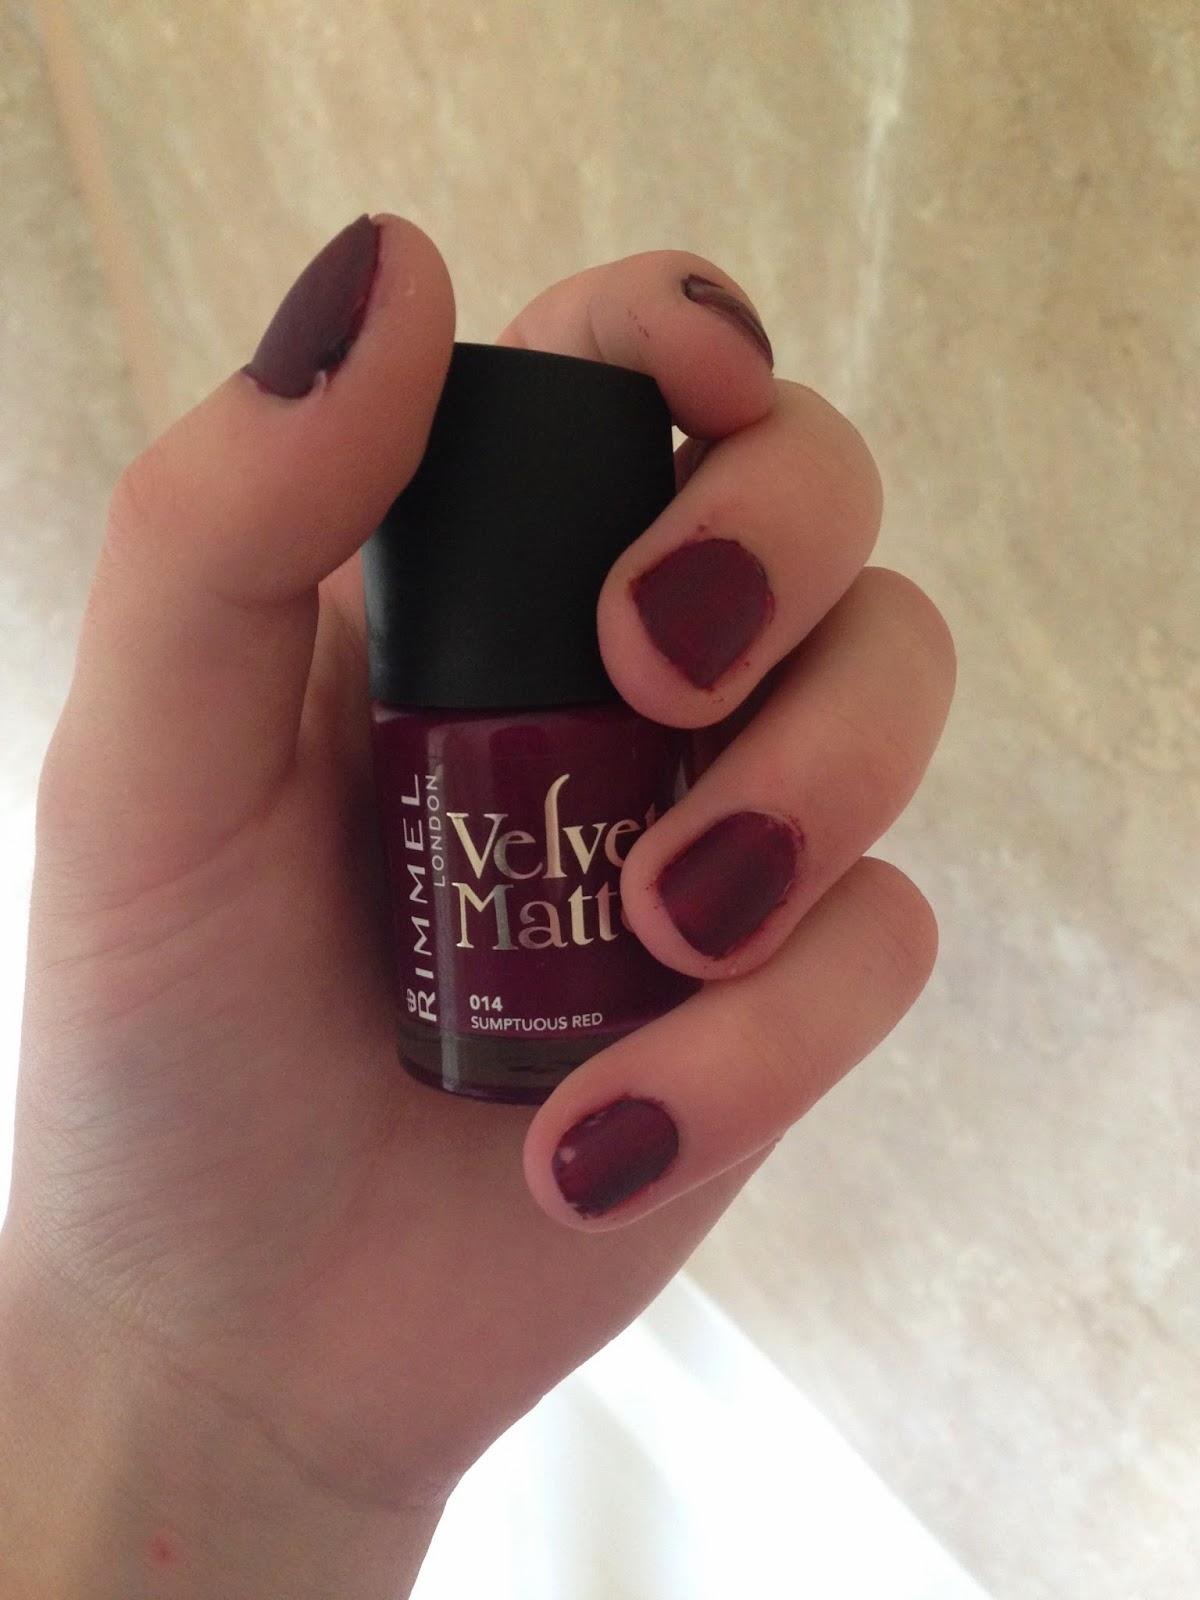 Rimmel Velvet Matte Nail Polish Review | Splendid Wedding Company